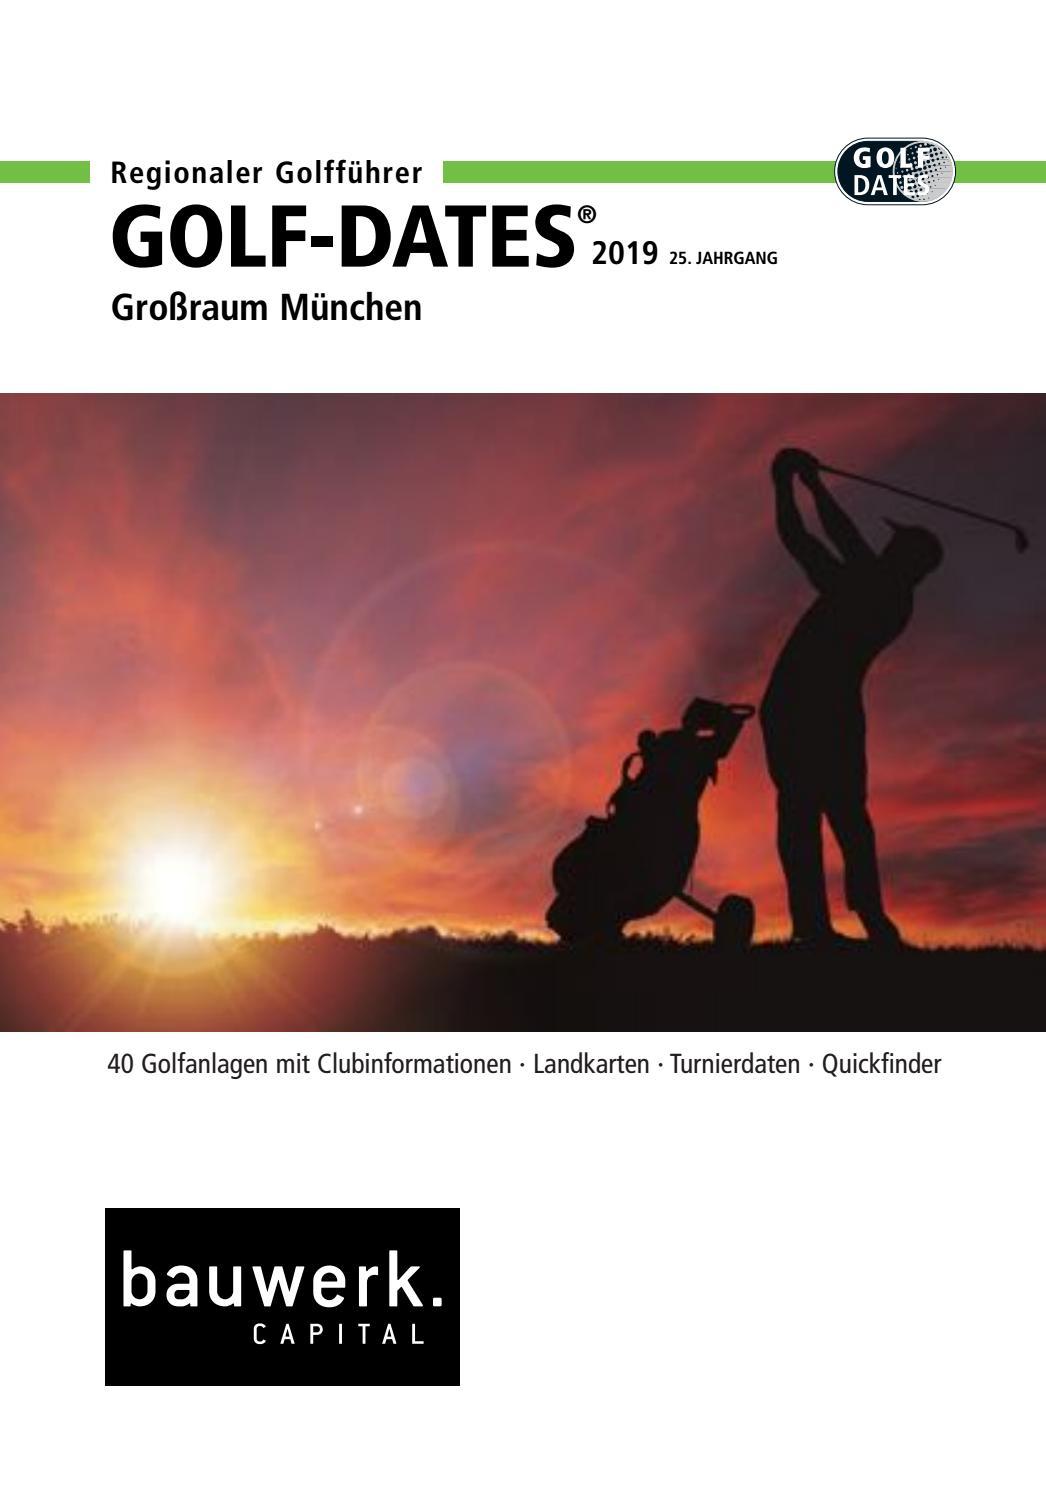 Regionaler Golfdates Golfführer 2019 Region München By